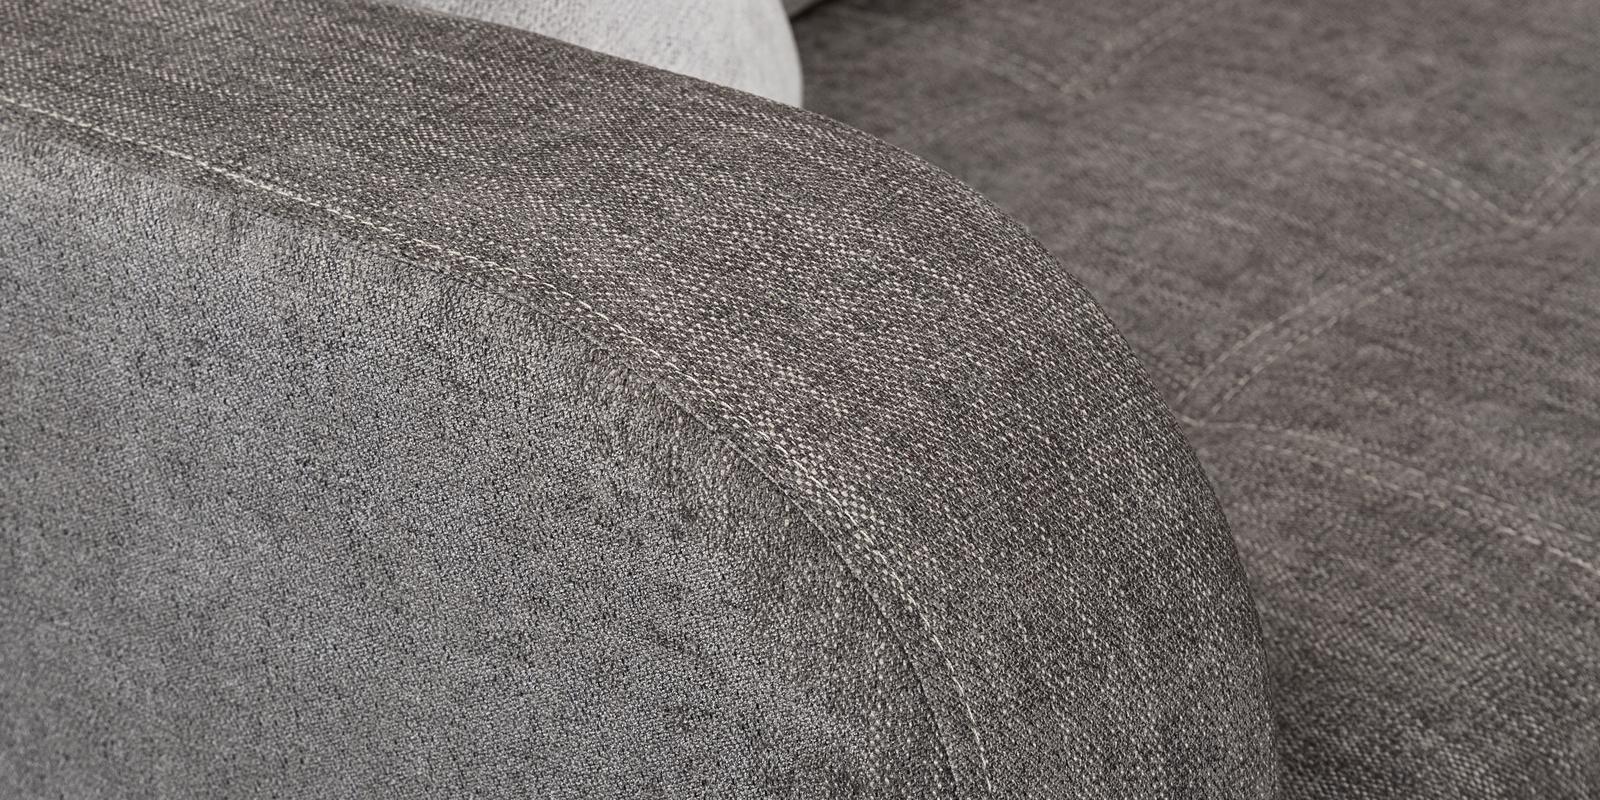 Диван тканевый угловой Ливерпуль Anabelle серый (Шенилл)